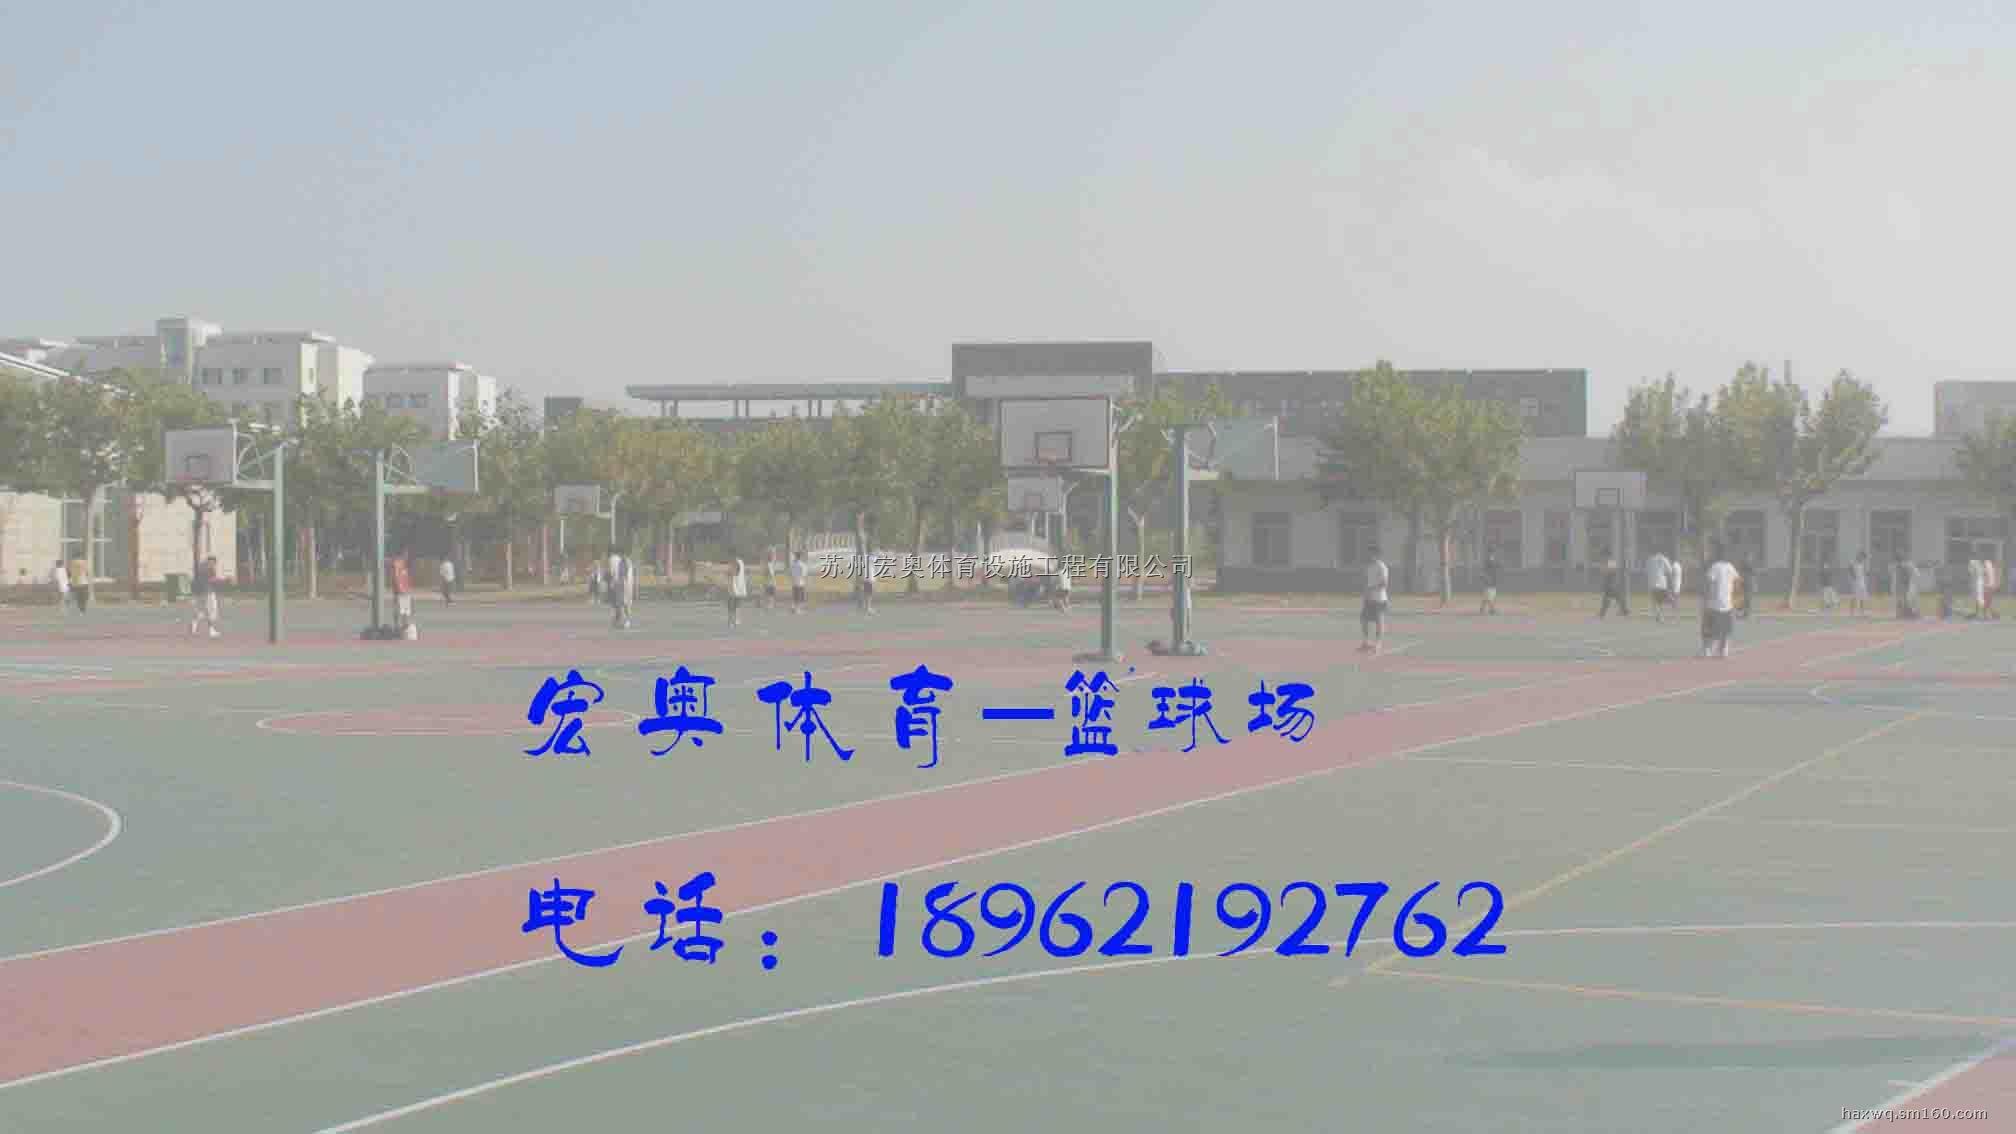 篮球场方案篮球场施工篮球场设计篮球场建造